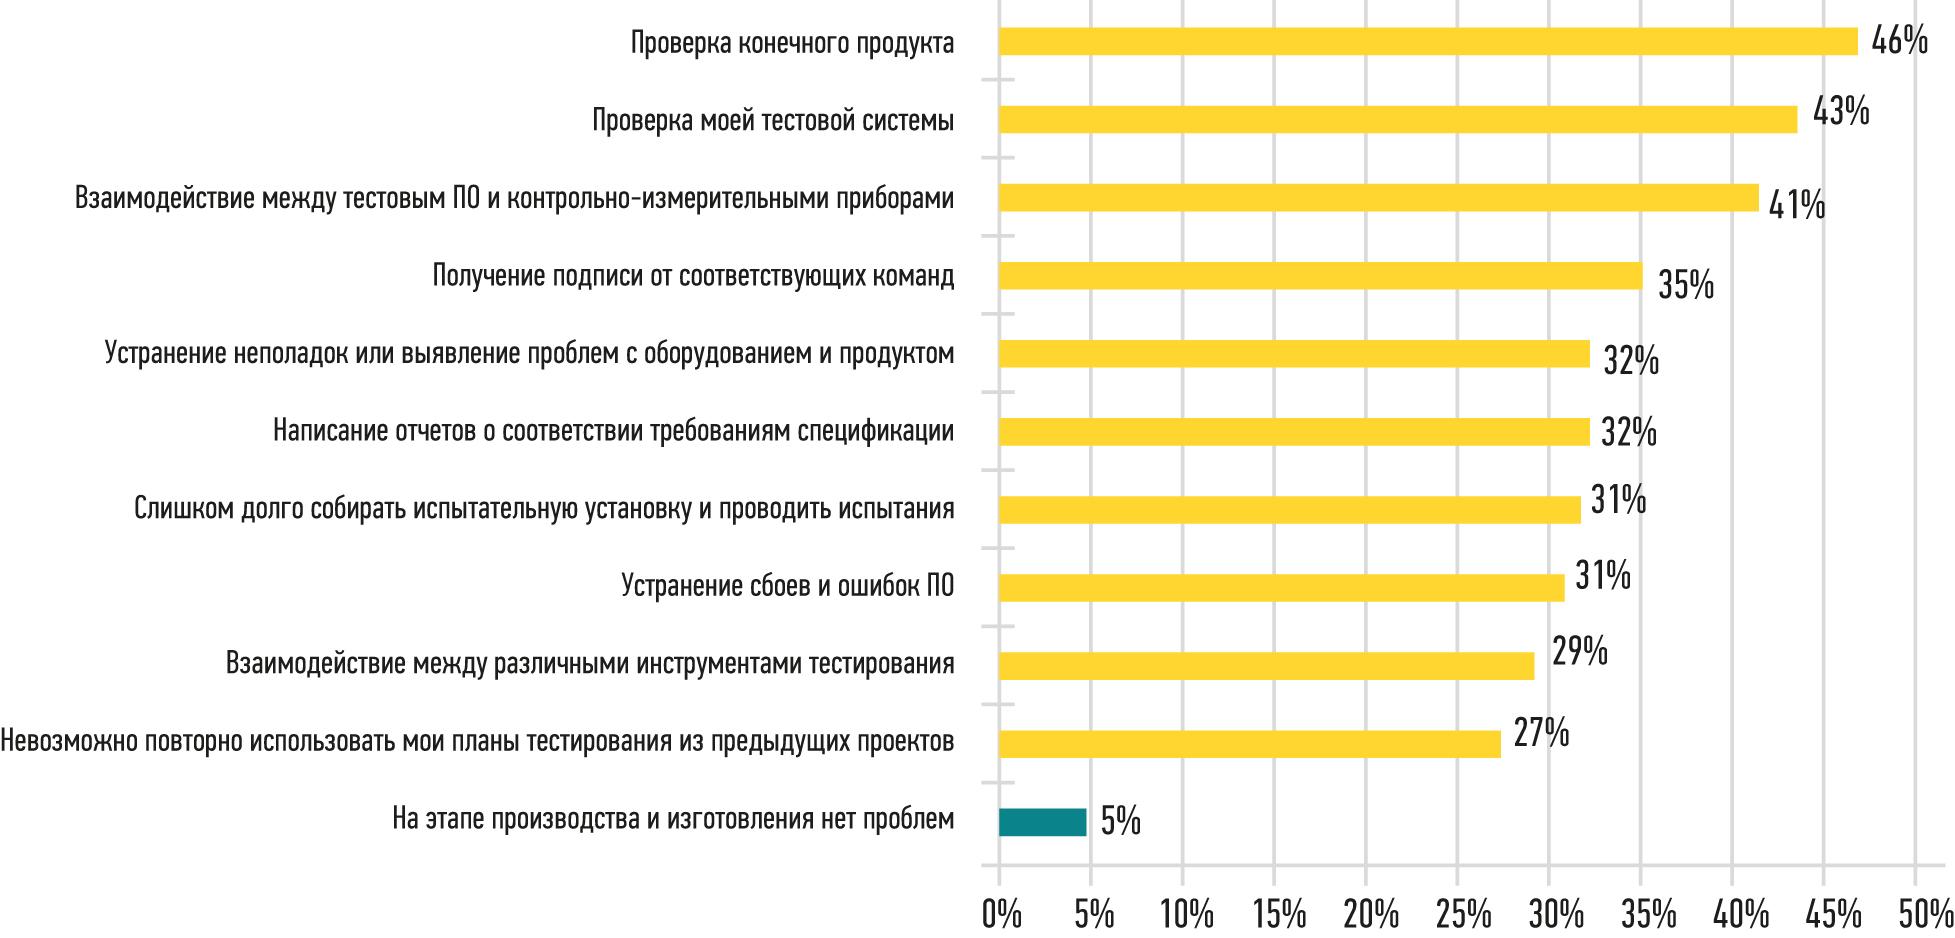 Результаты анкетирования, показывающие проблемы при освоении и проверке конечной конструкции продукта в серийном производстве